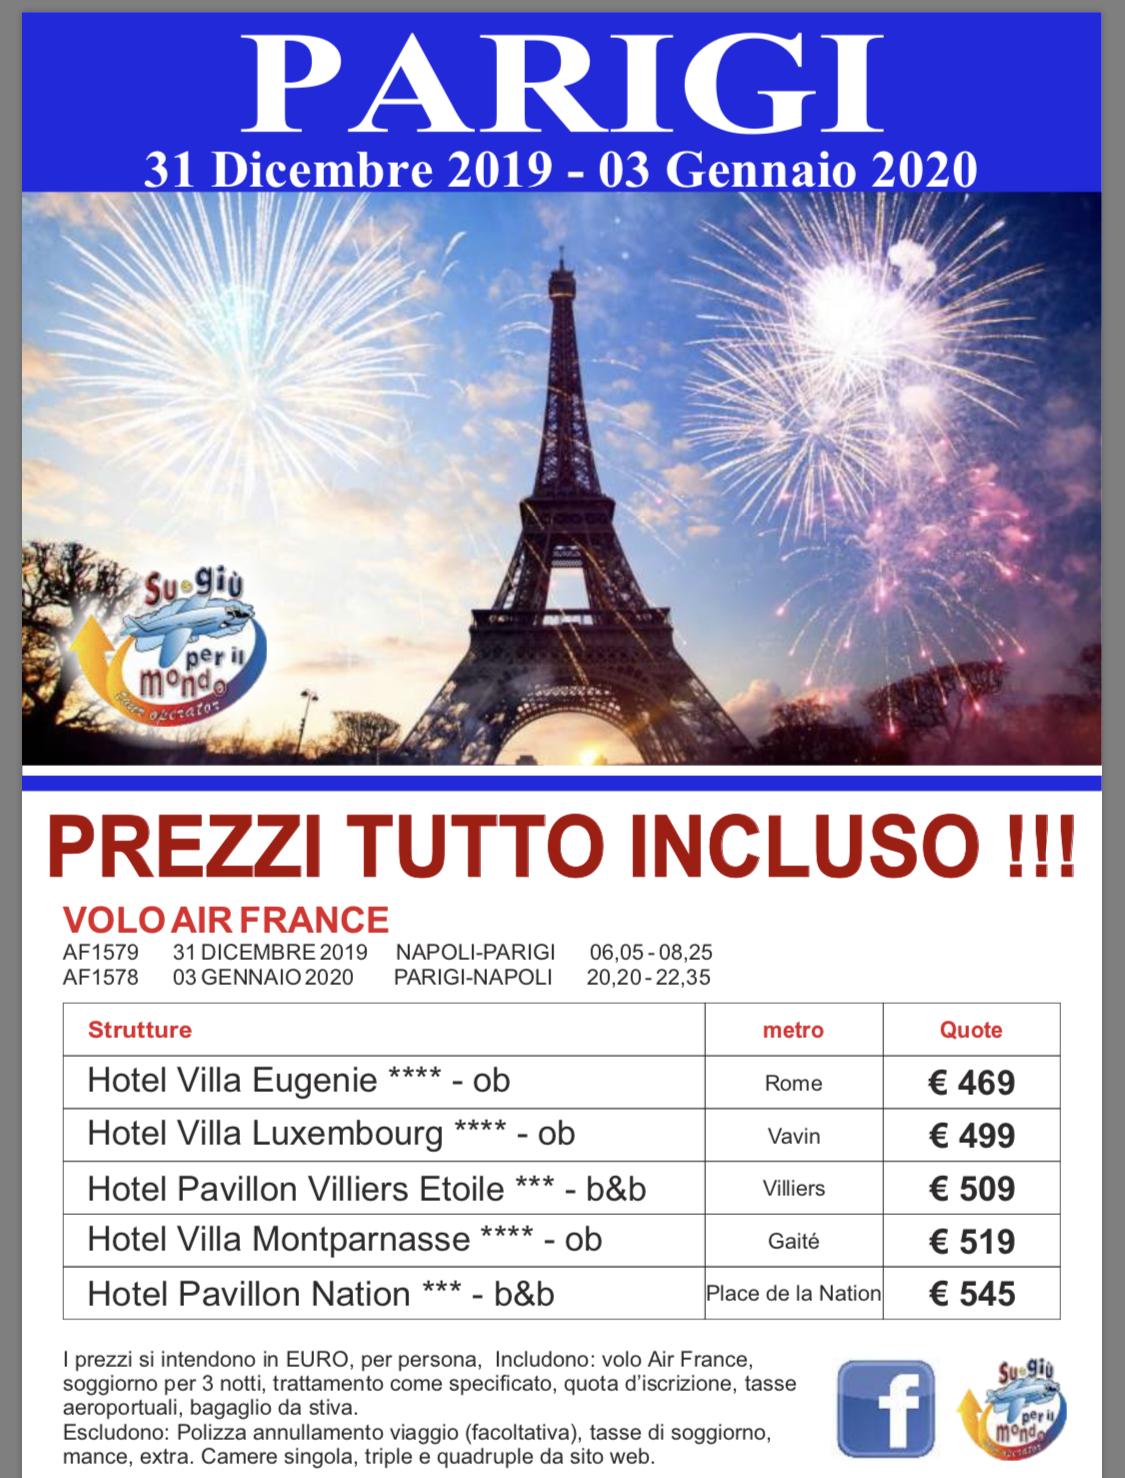 Capodanno a Parigi - Capodanno prezzo tutto incluso